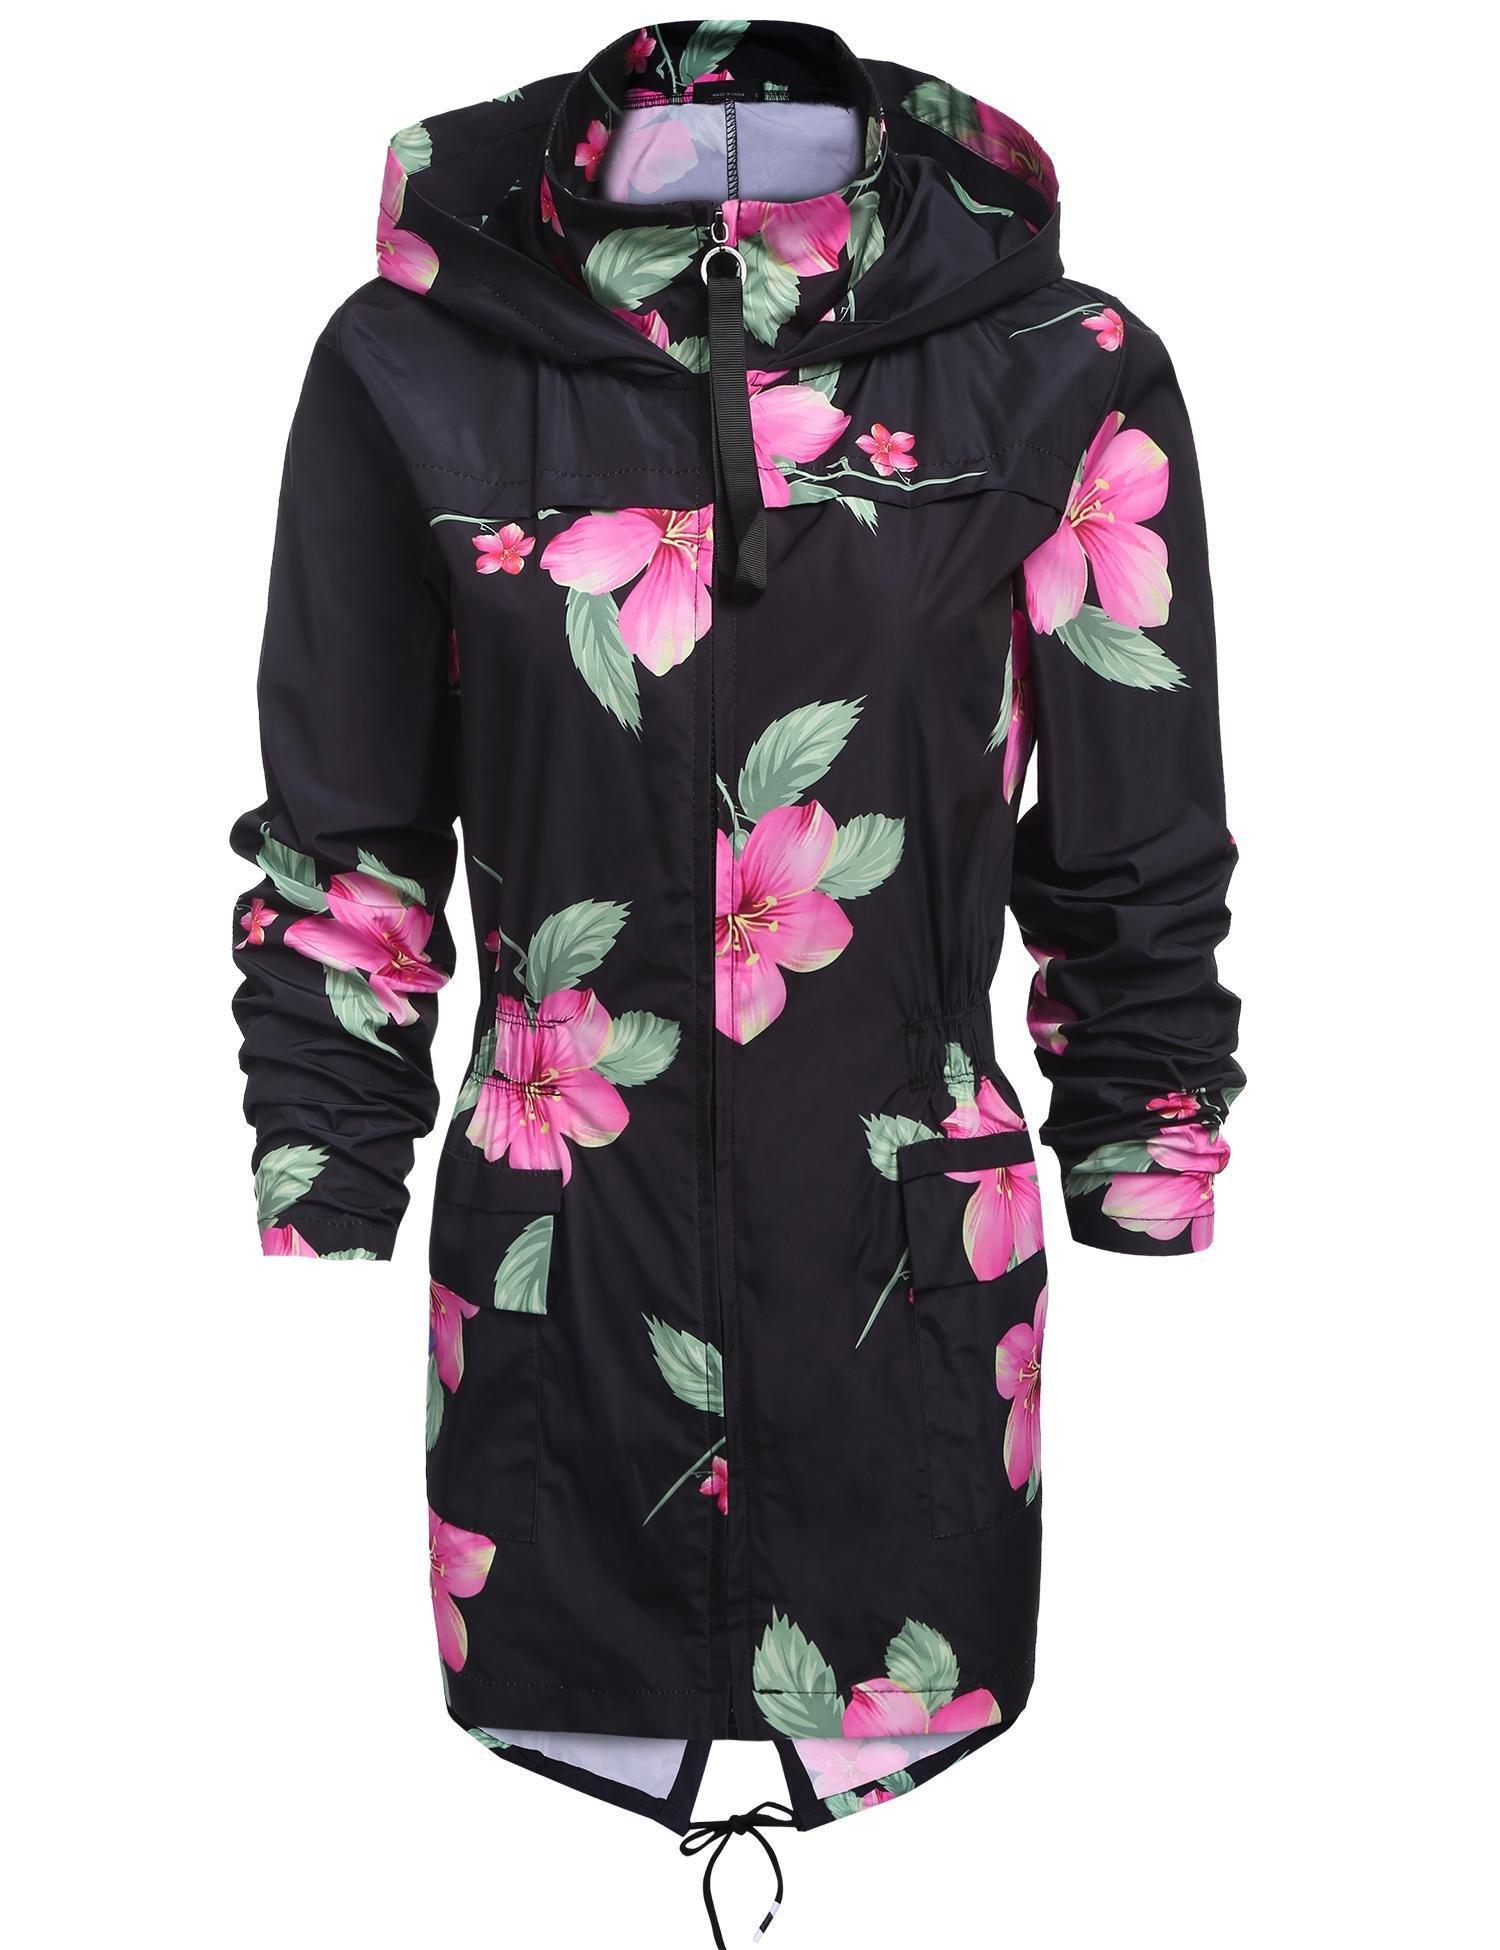 SoTeer Women's Raincoat Outdoor Hooded Packable Rain Jacket Waterproof Windbreaker S-XXL